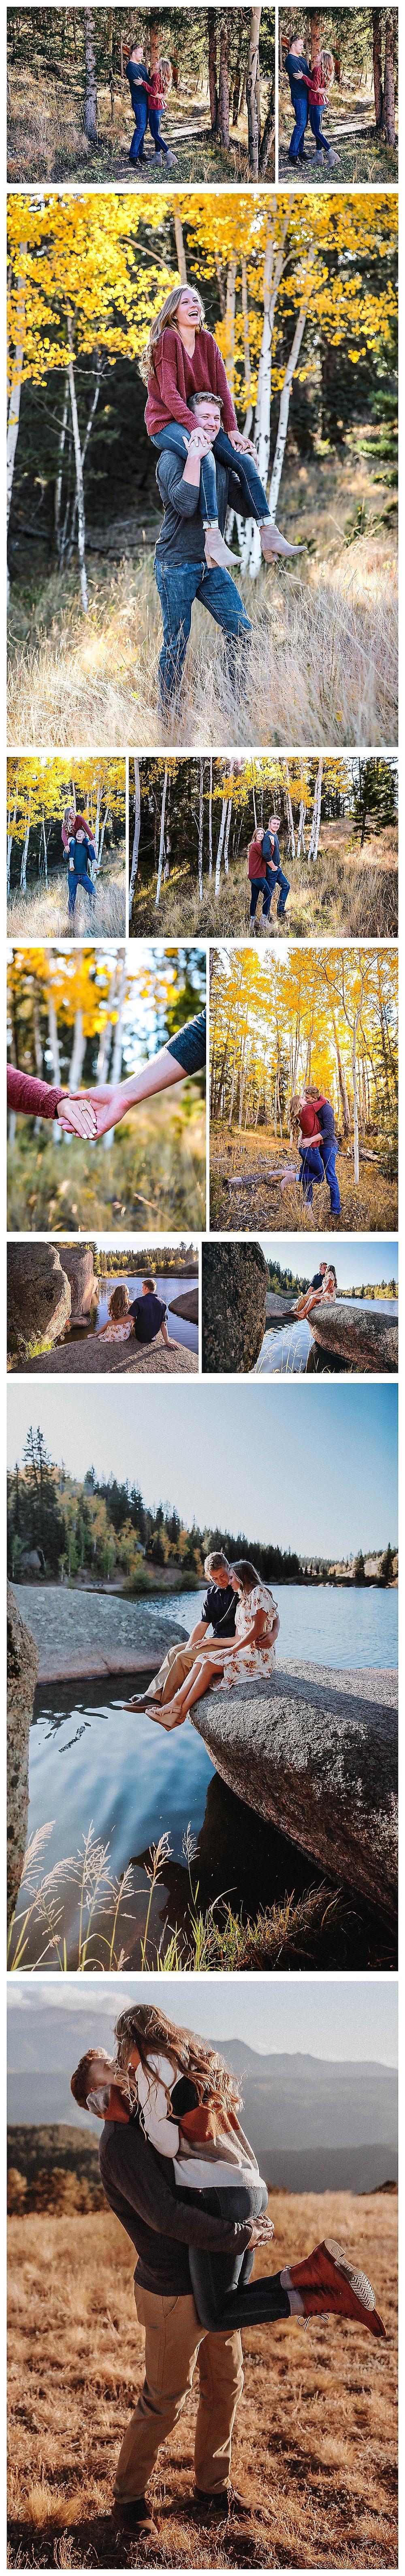 Air Force Academy Wedding Photographer